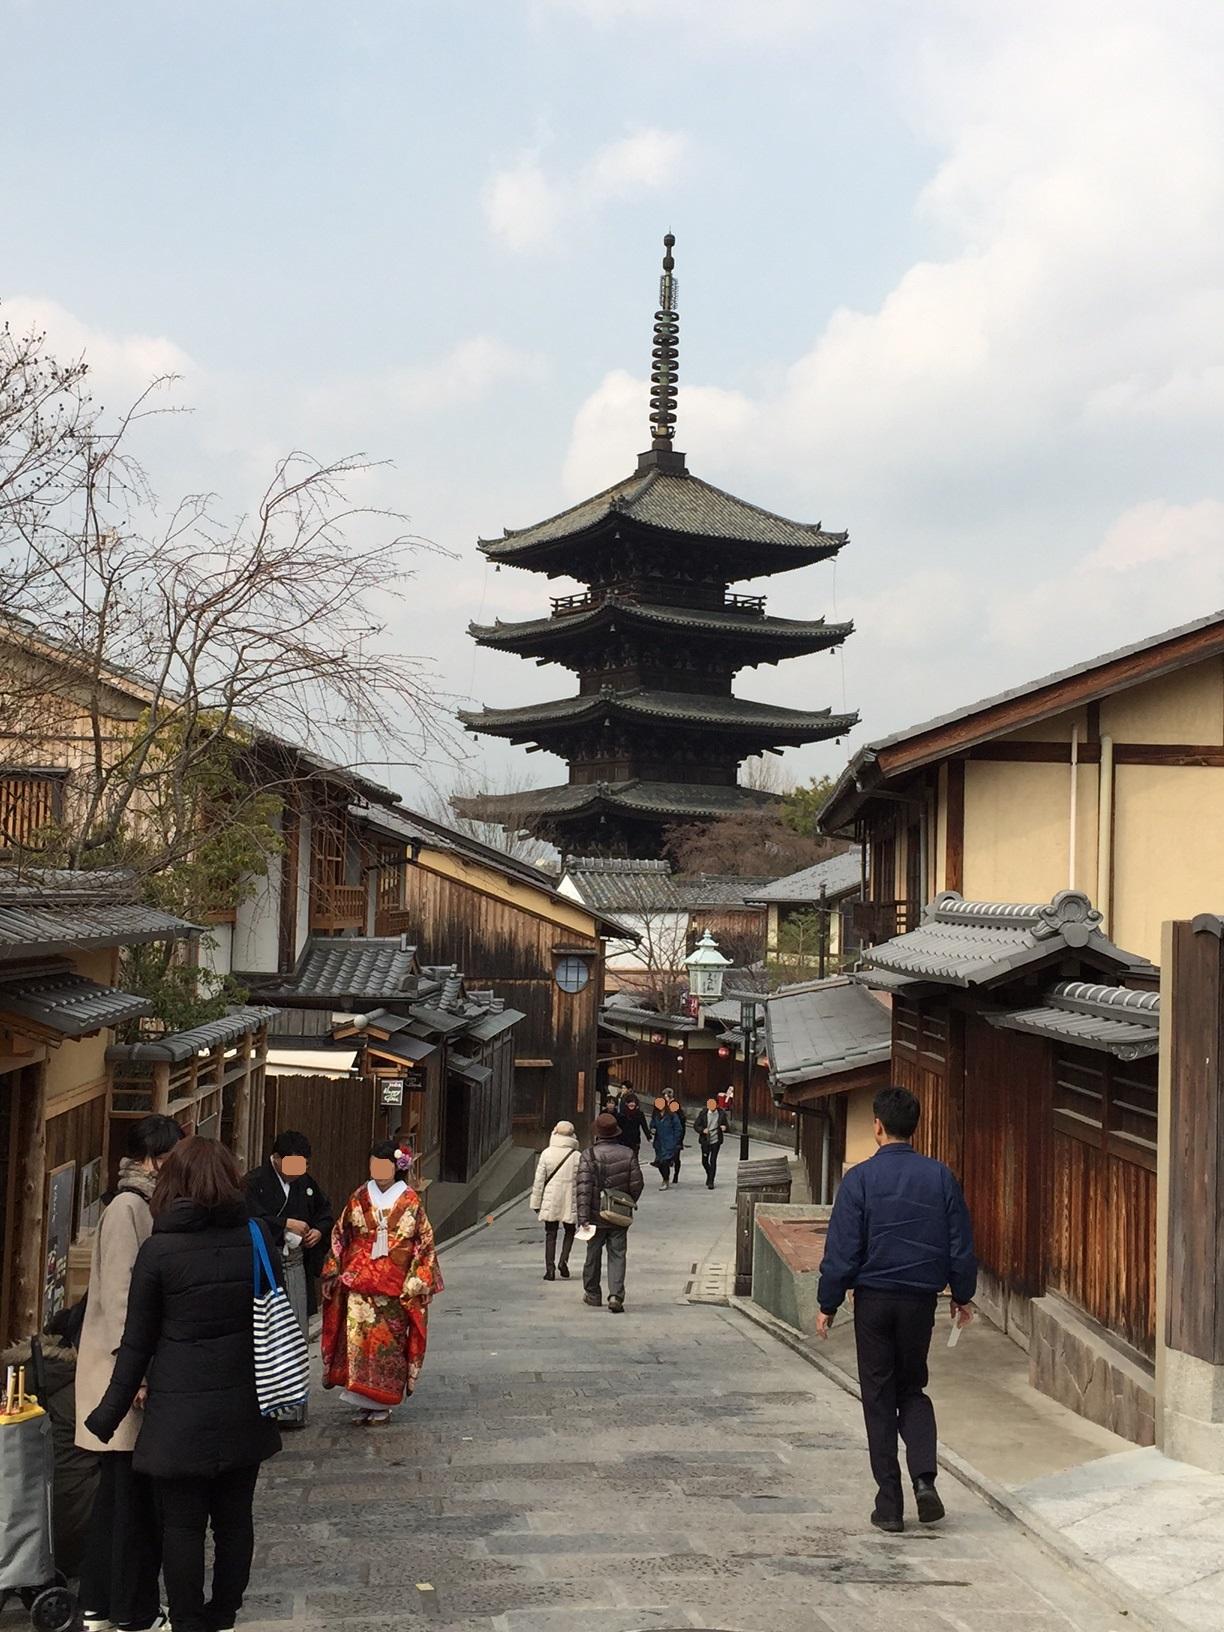 青春18きっぷでも行きたい! おすすめの京都への旅:【洛東】編! -リピーターのための、おすすめ京都の穴場ガイド-